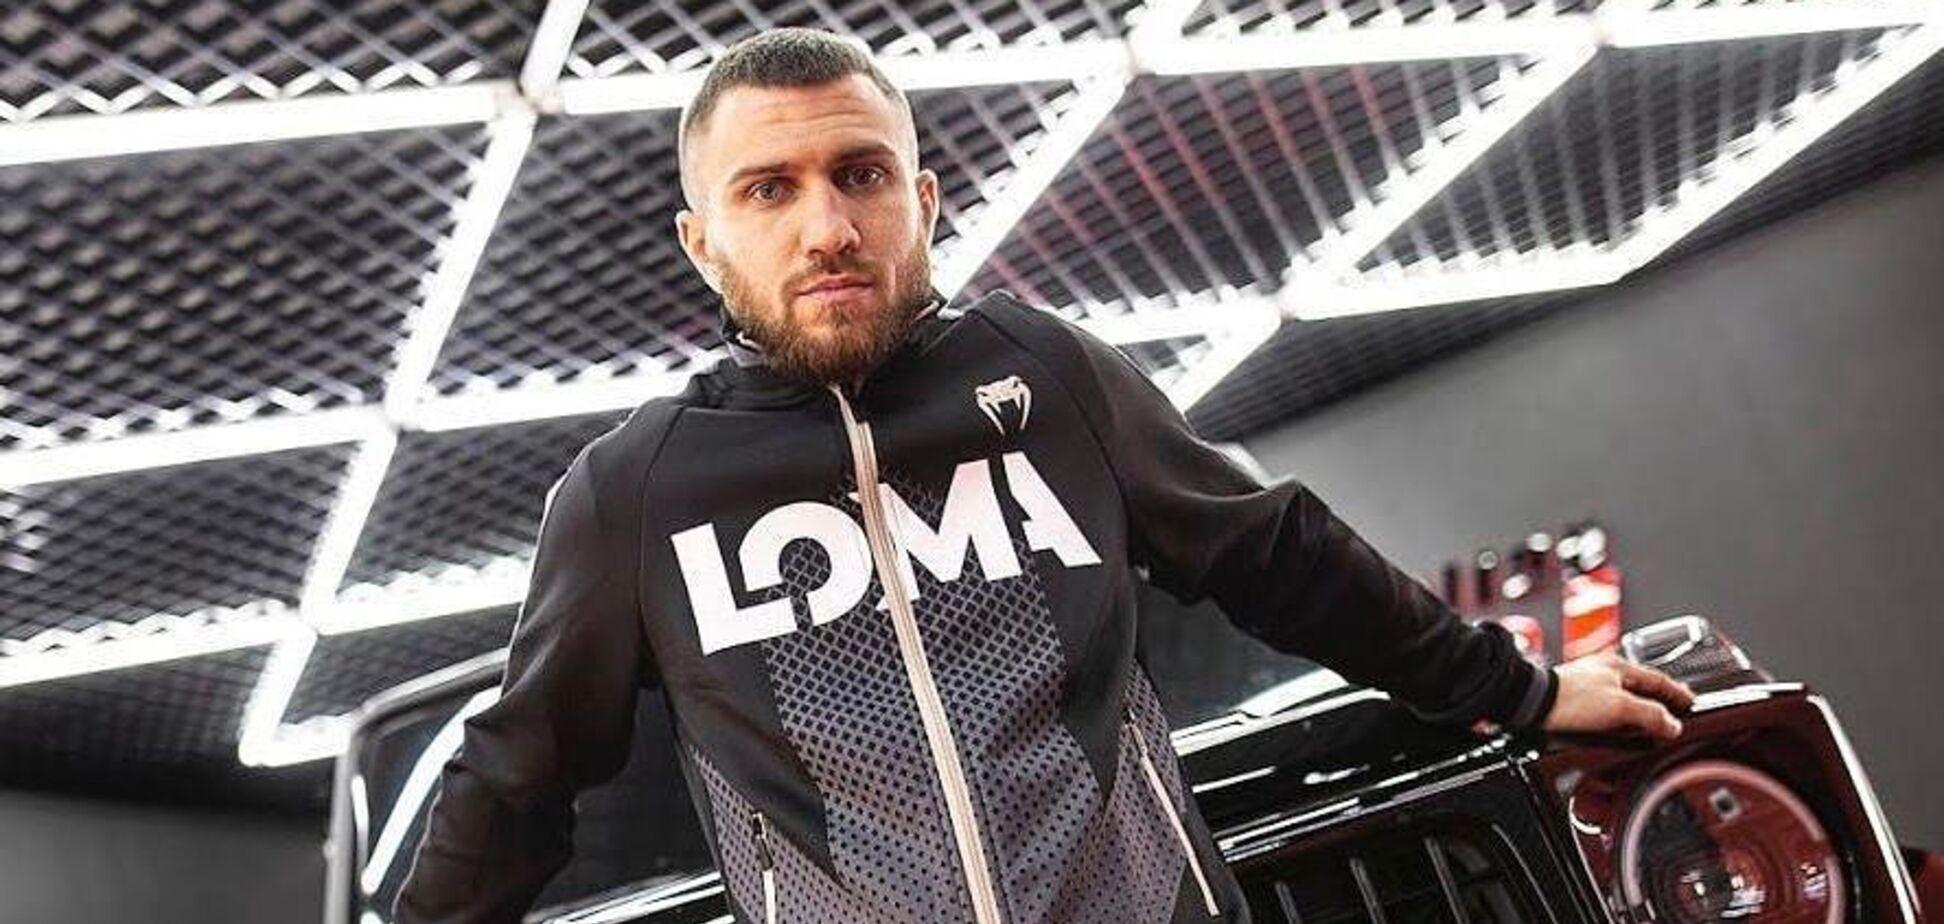 Ломаченко извинился за свой совет, как уберечься от коронавируса